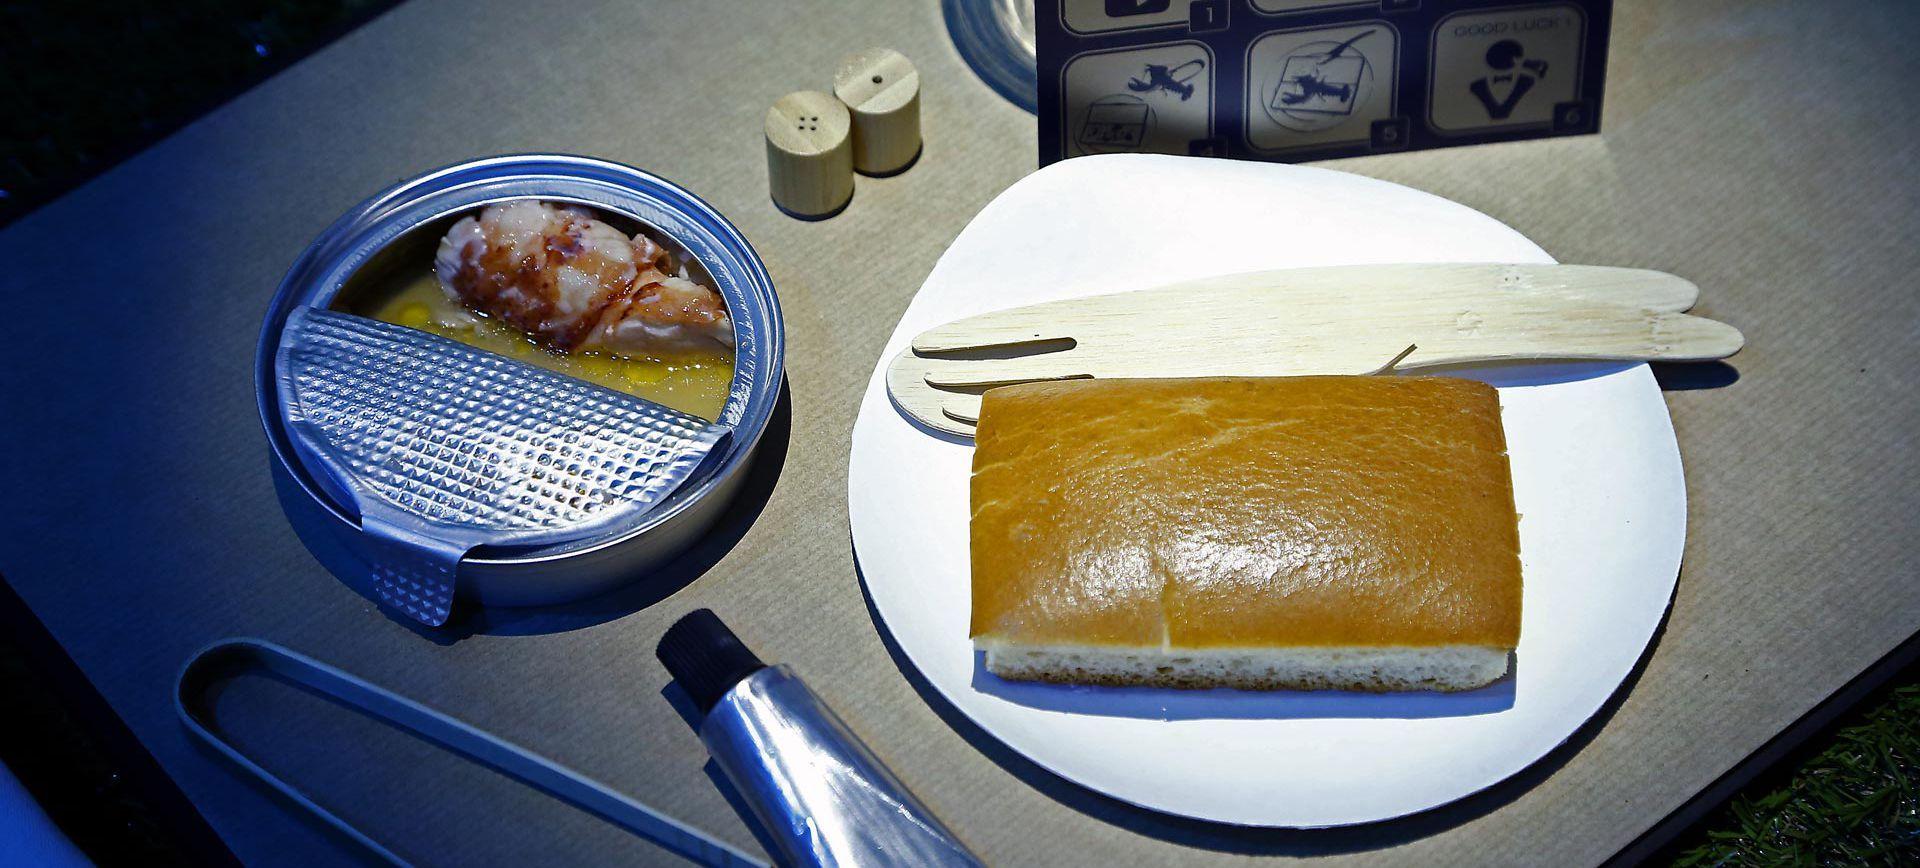 1715年於澤西島野餐 - 特製龍蝦卷搭配馬爹利三百週年VSOP干邑調酒「獨立精神」  相片來源:蓋帝圖像(Getty Images)為馬爹利干邑拍攝